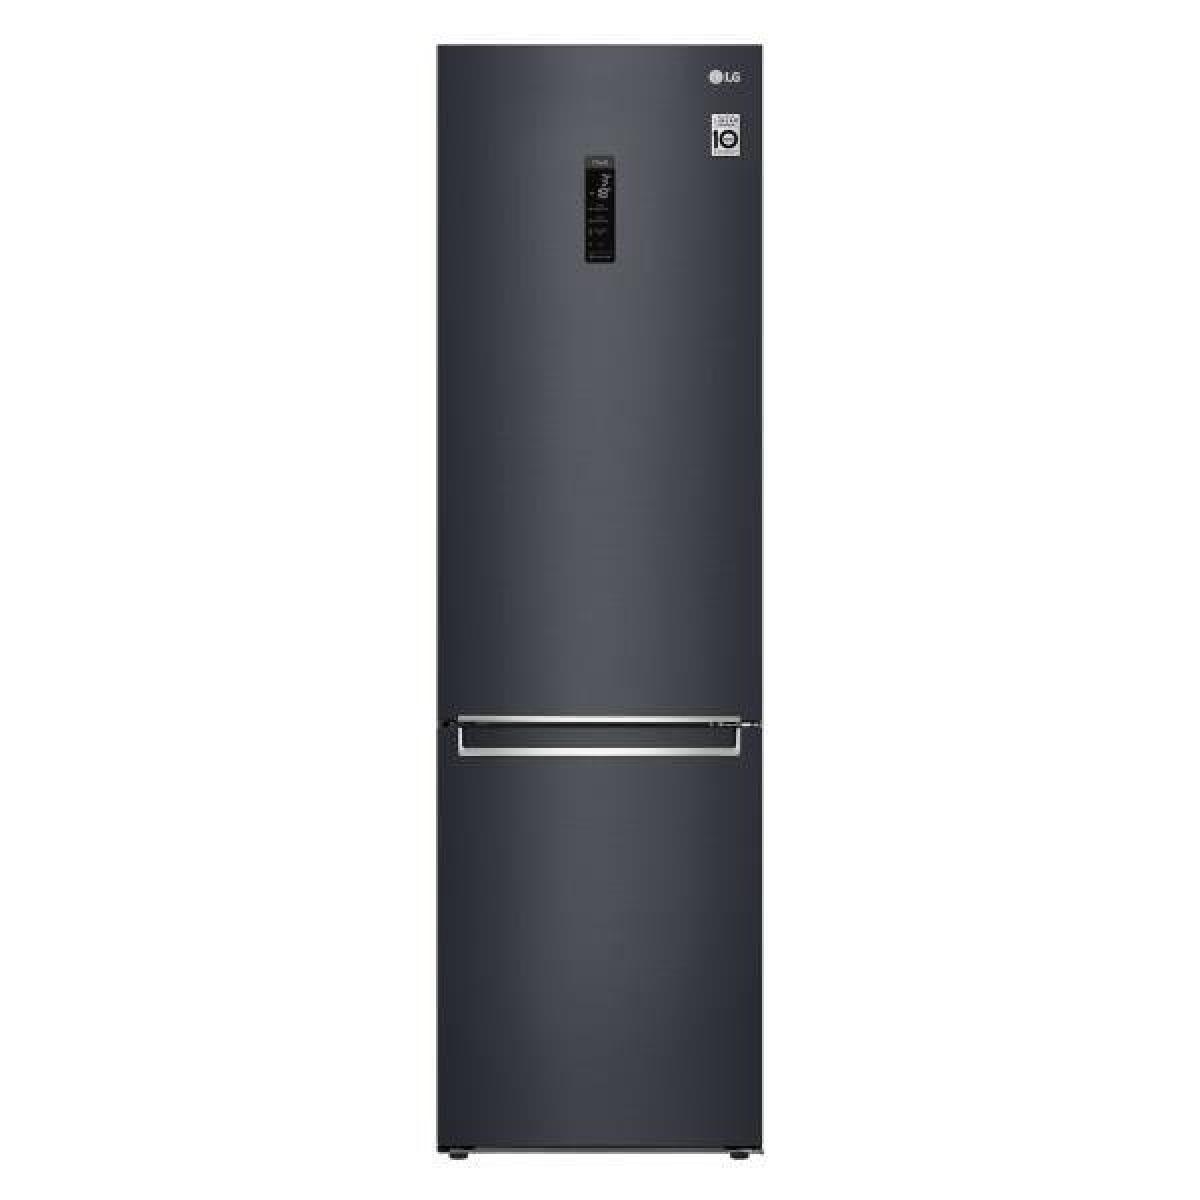 LG Réfrigérateur combiné 277L Froid Ventilé LG 59cm A+++, GBB72MCUFN